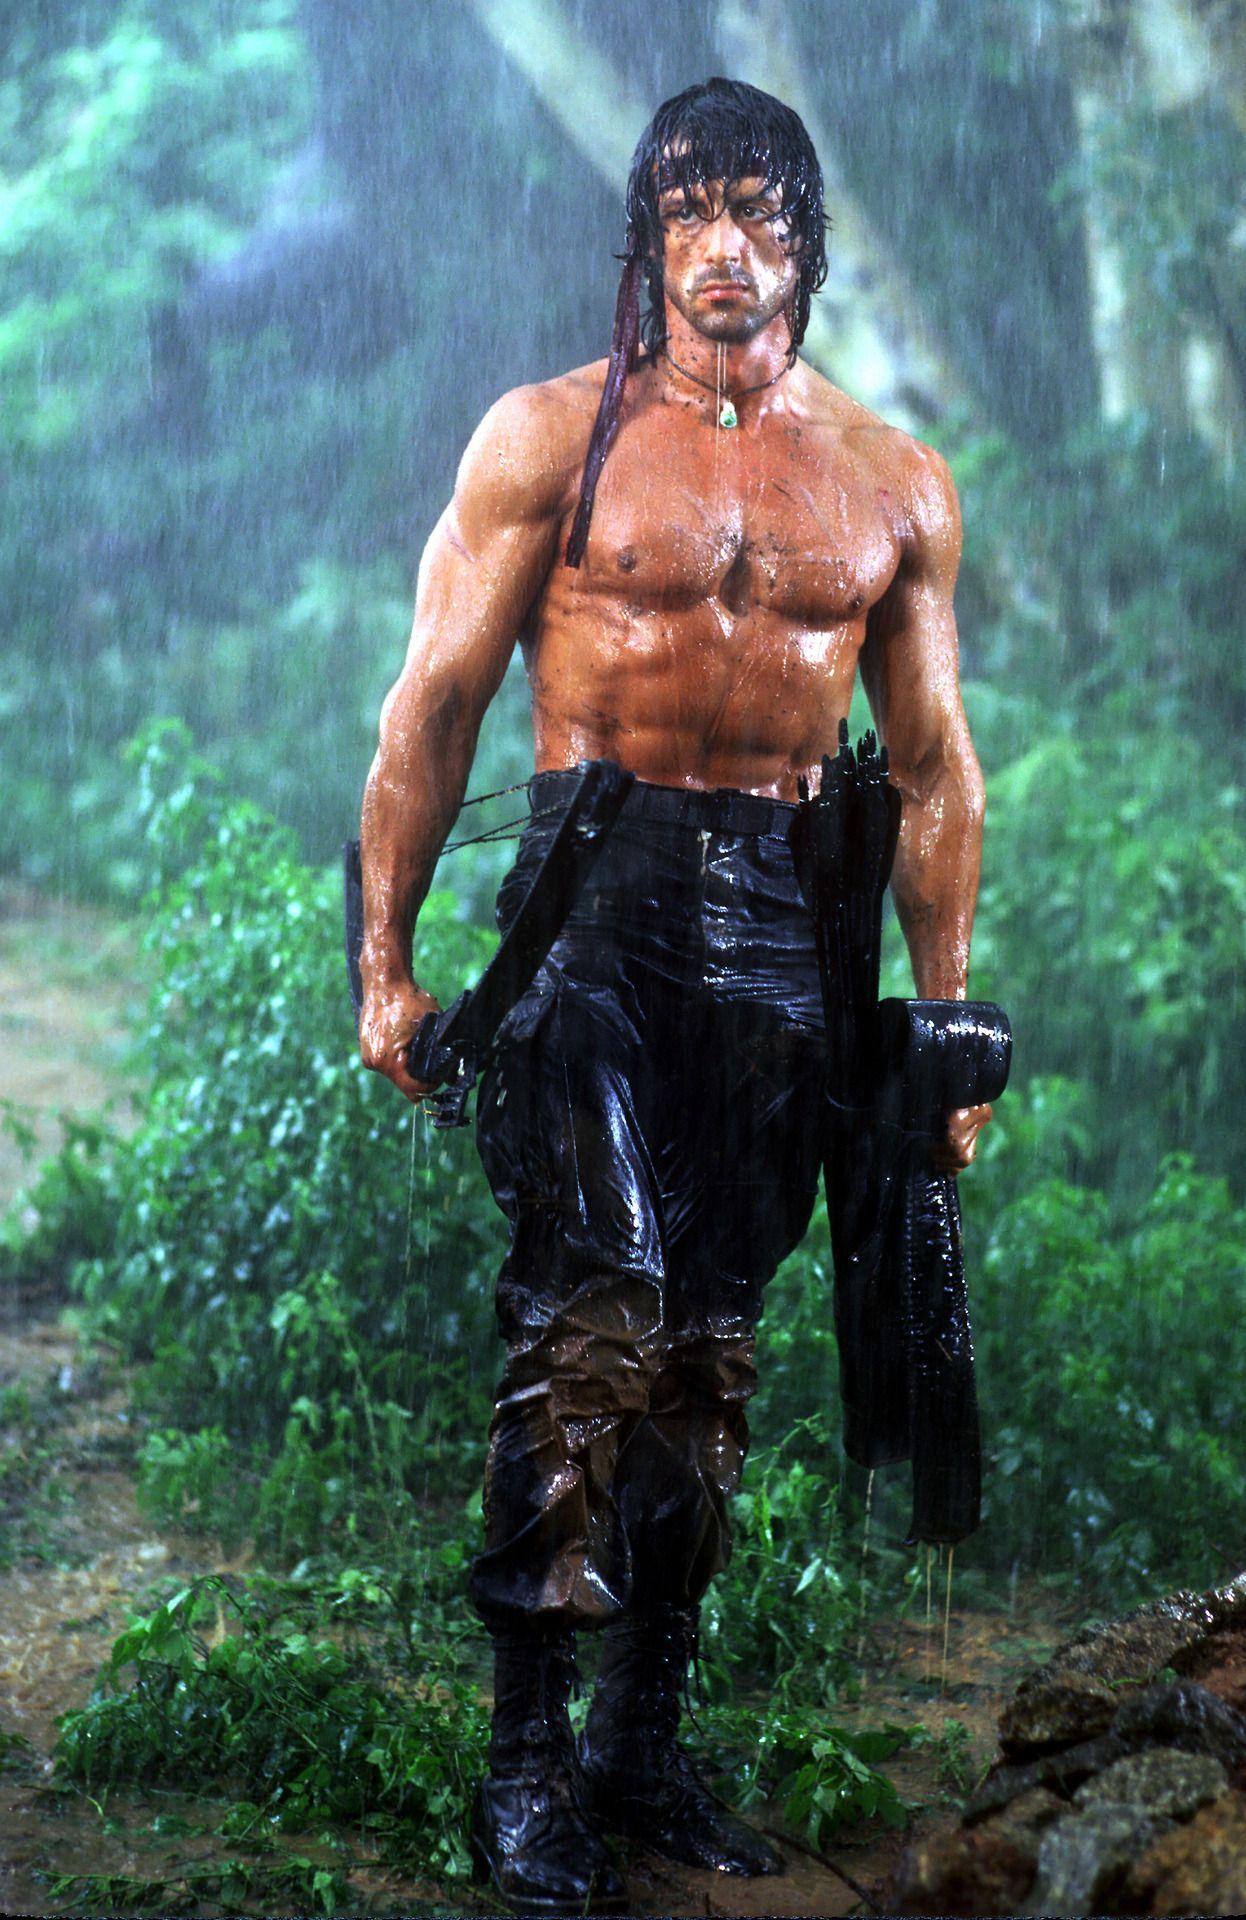 diễn viên Sylvester Stallone trong vai Rambo